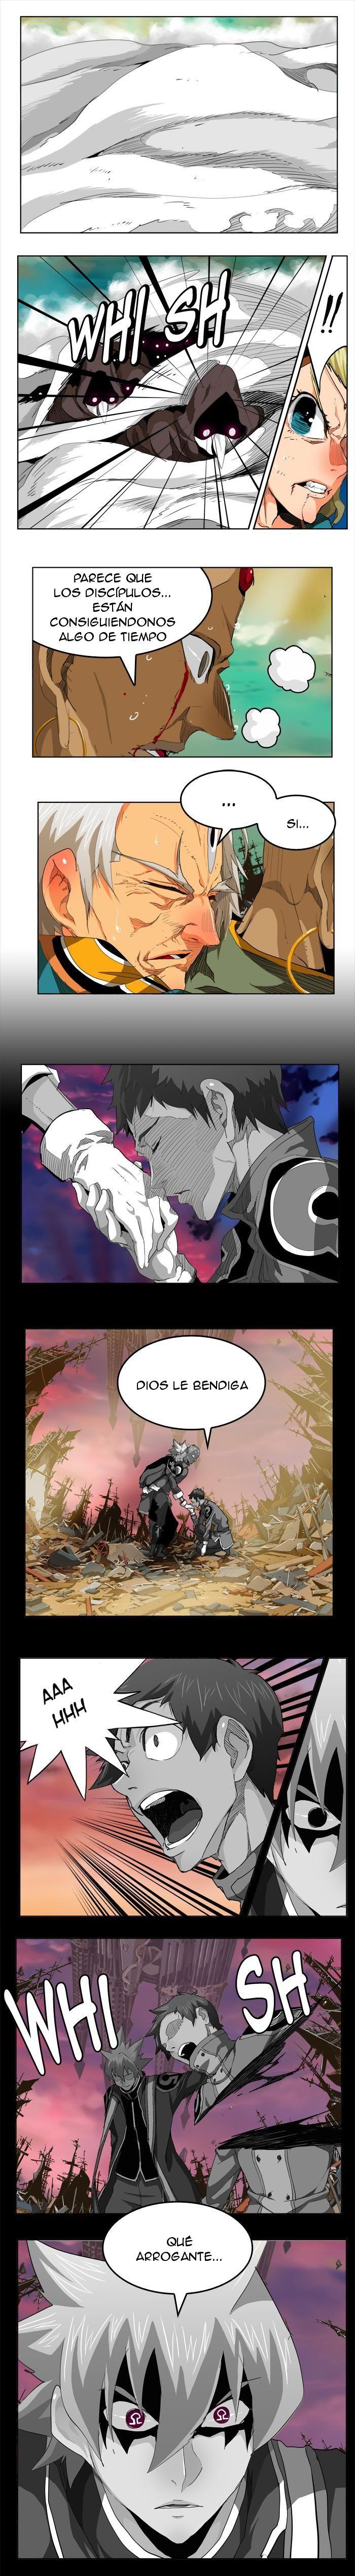 http://c5.ninemanga.com/es_manga/pic2/37/485/508592/6b08cb11fb528ea9a29c488857b93c36.jpg Page 4